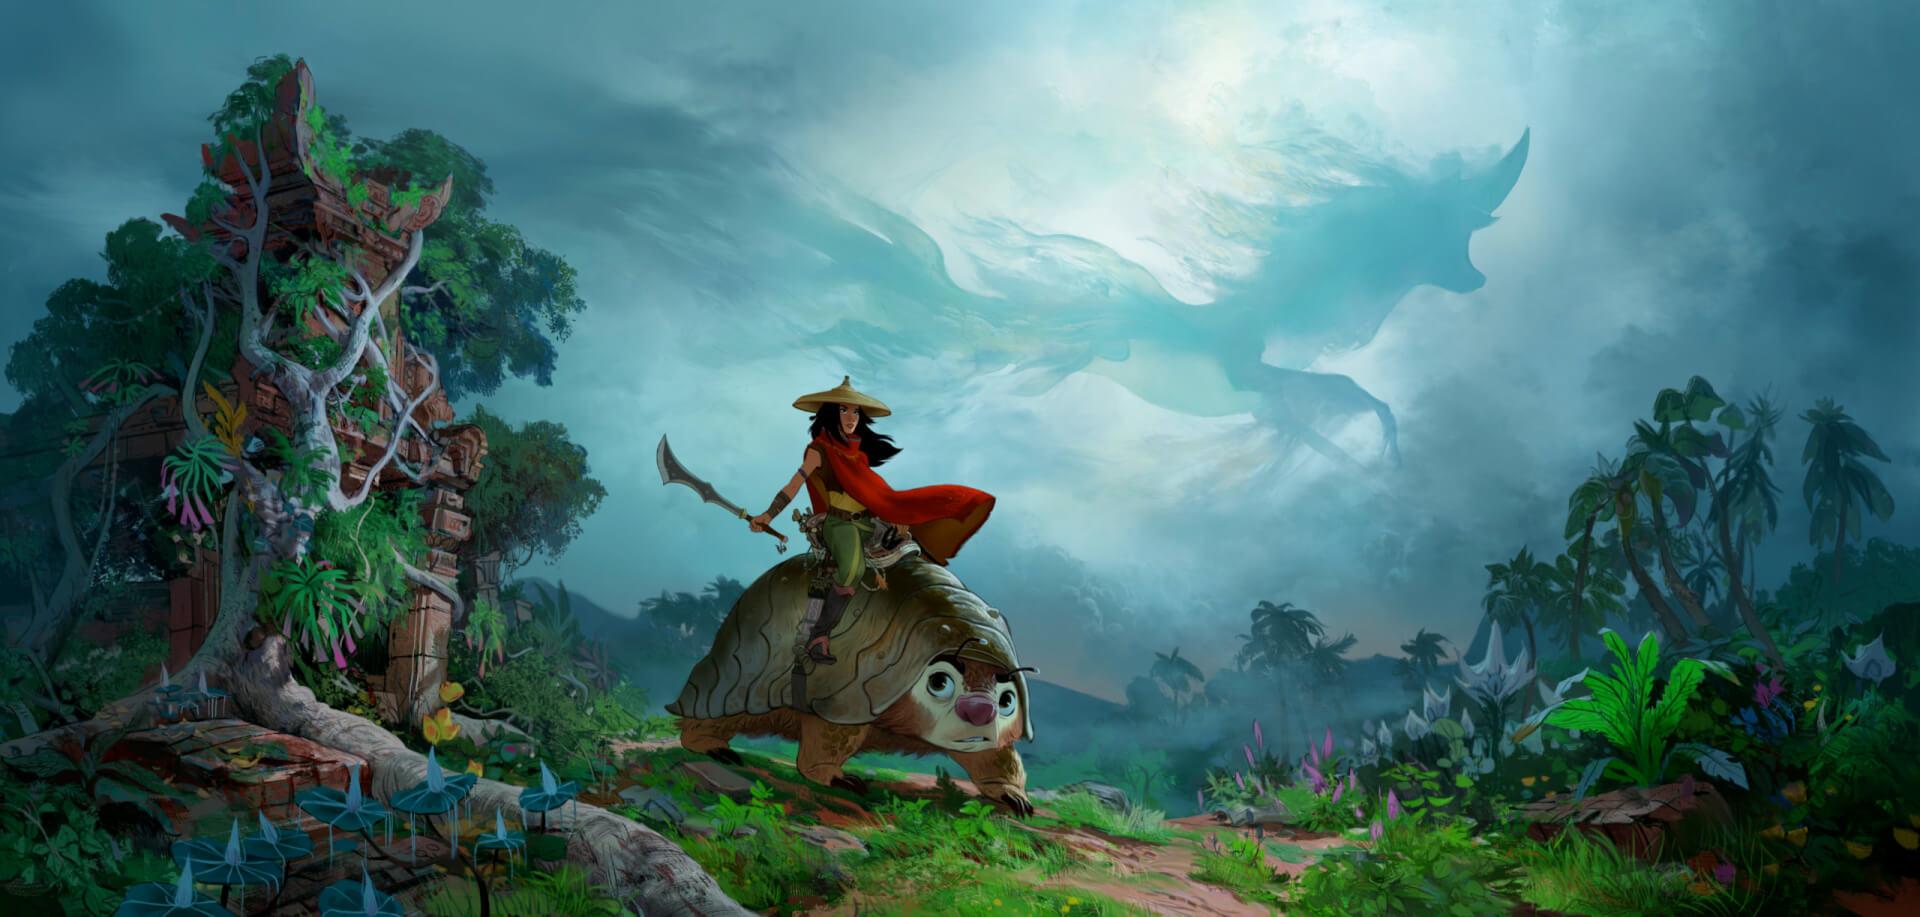 «Мы обречены» — трейлер мультфильма «Райя и последний дракон»